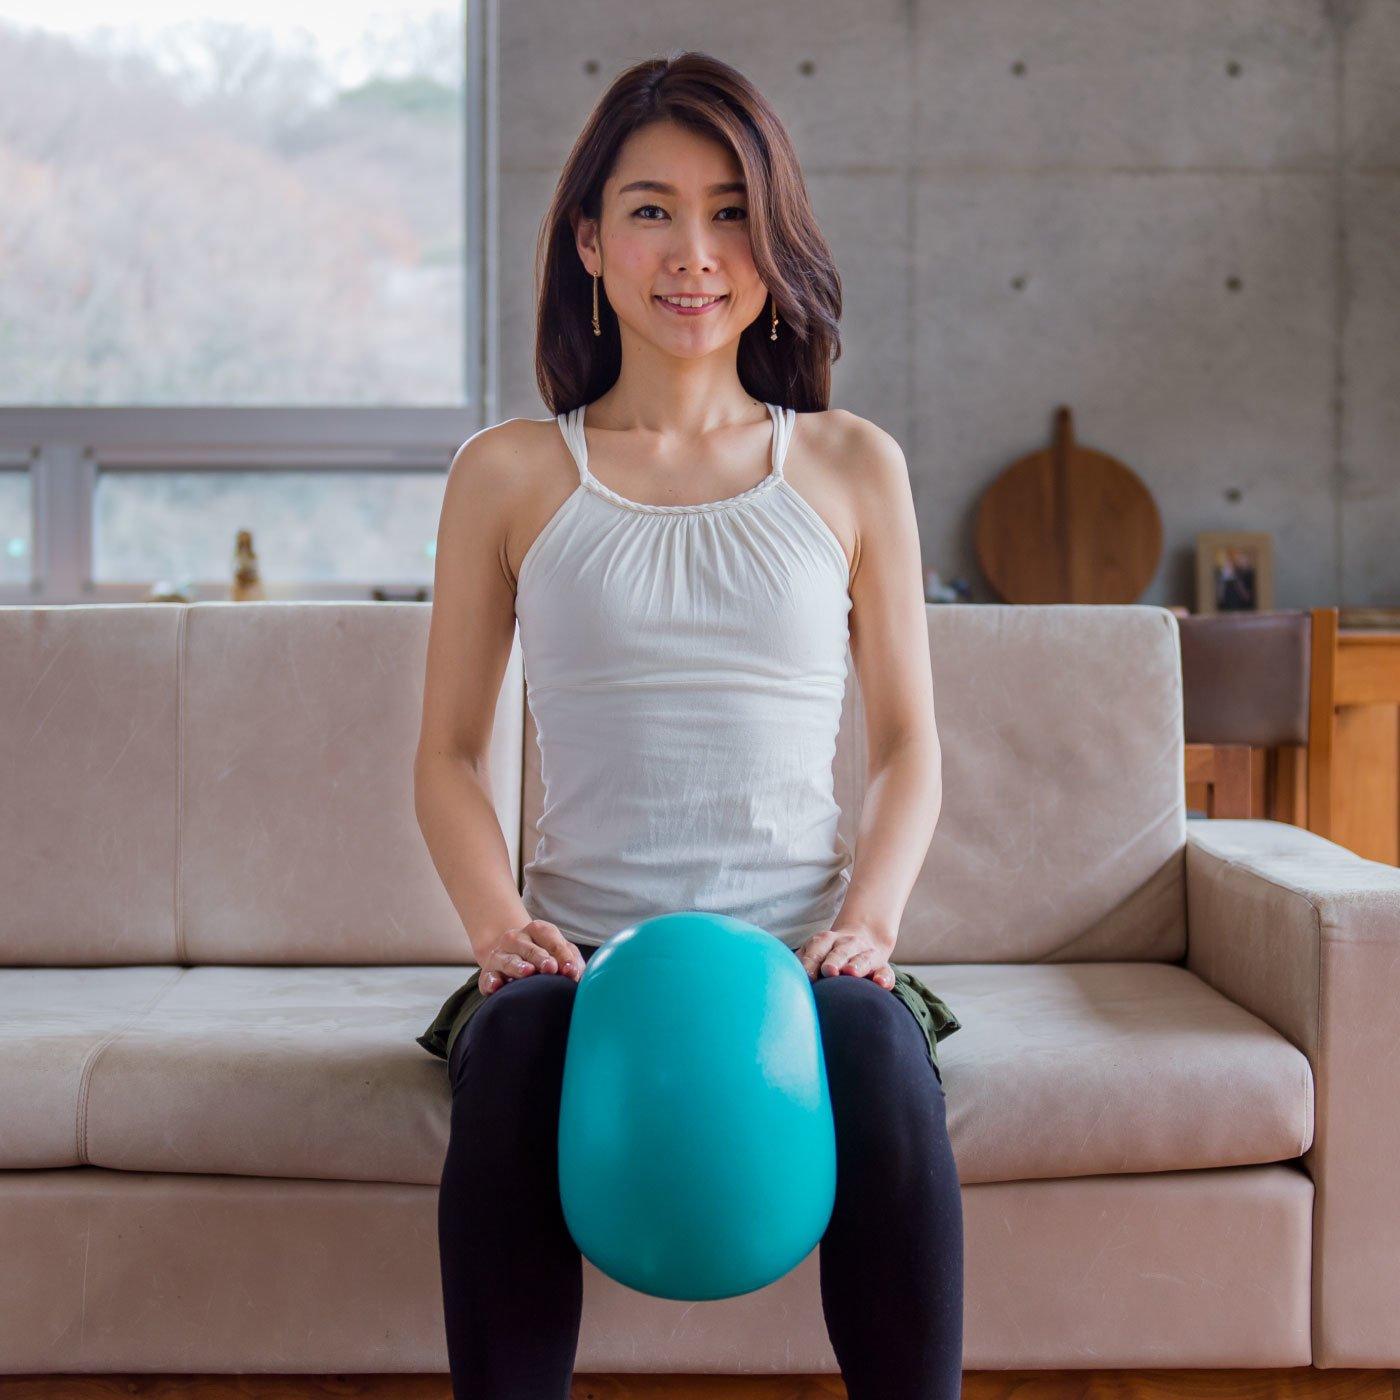 いすの上で使えるバランスボール スッキリコアボール